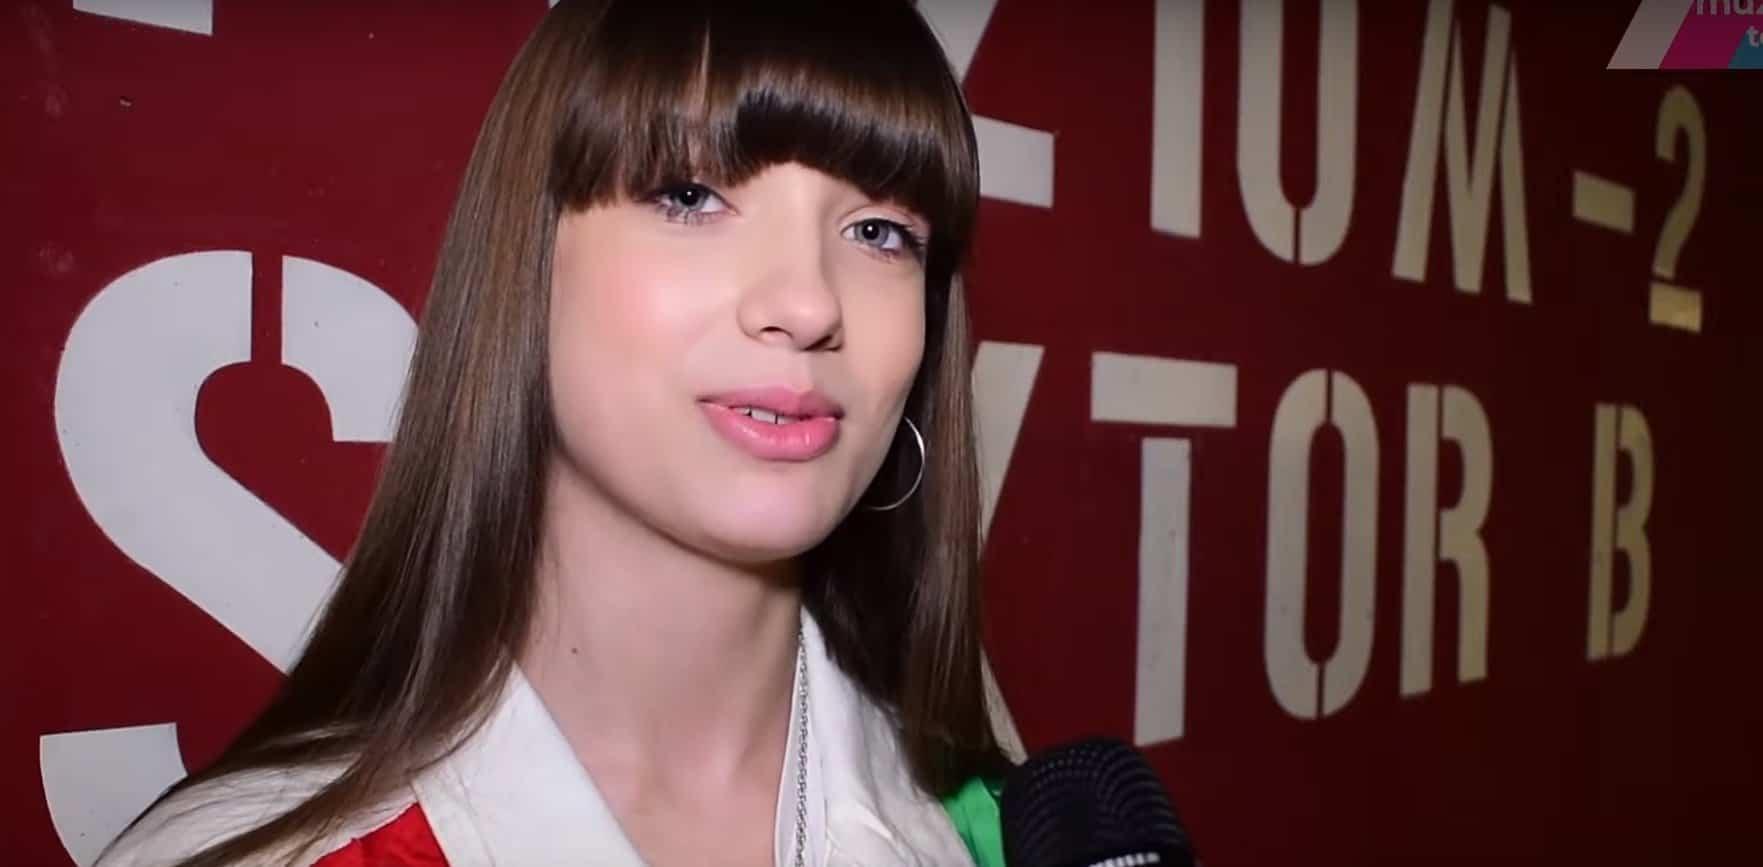 Viki Gabor z The Voice Kids może czuś się zagrożona, córka Wiśniewskiego Vivi (Vivienne Wiśniewska) zaczyna swoją muzyczna karierę